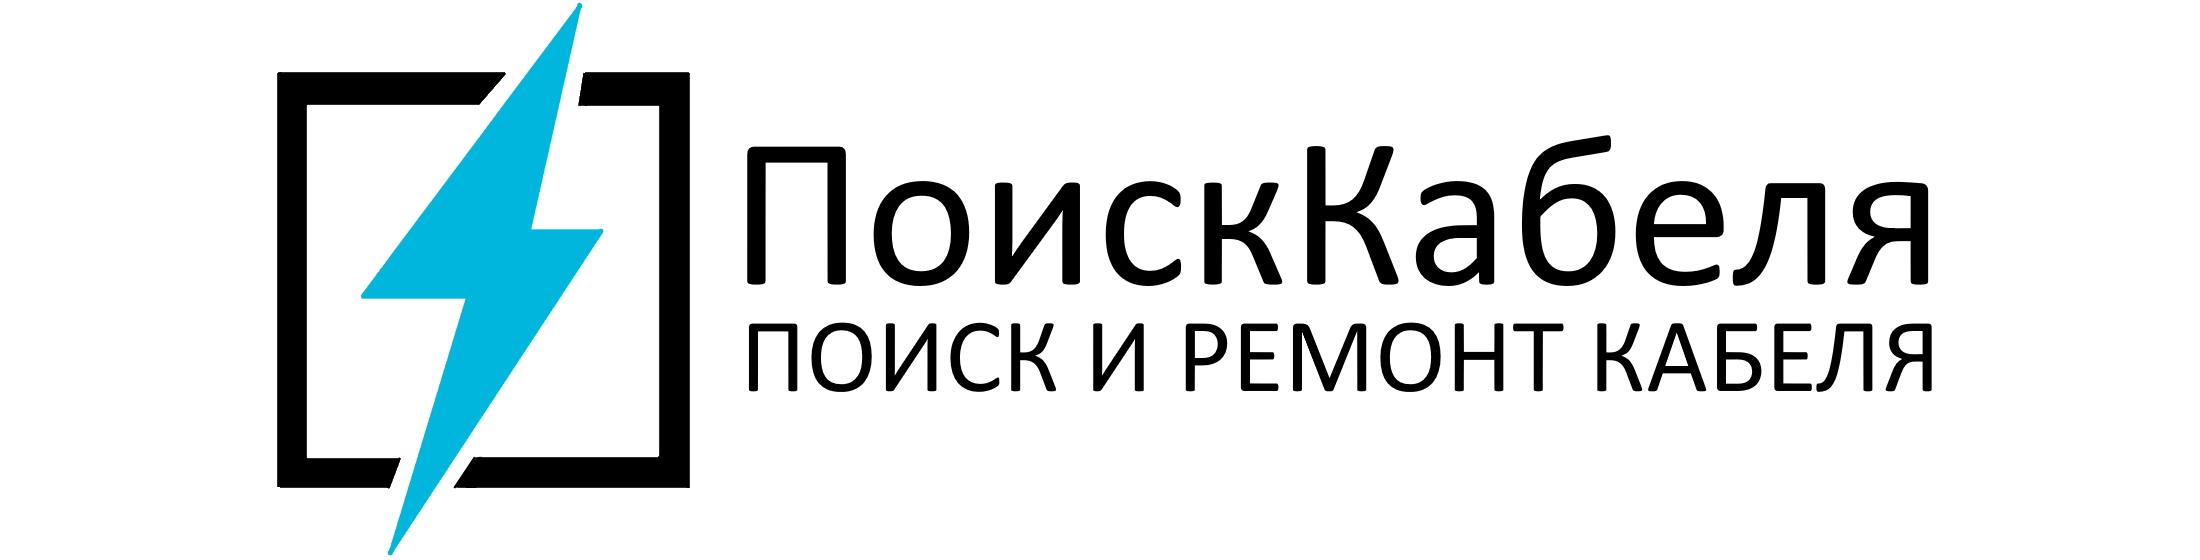 """Логотип компании """"ПоискКабеля"""""""